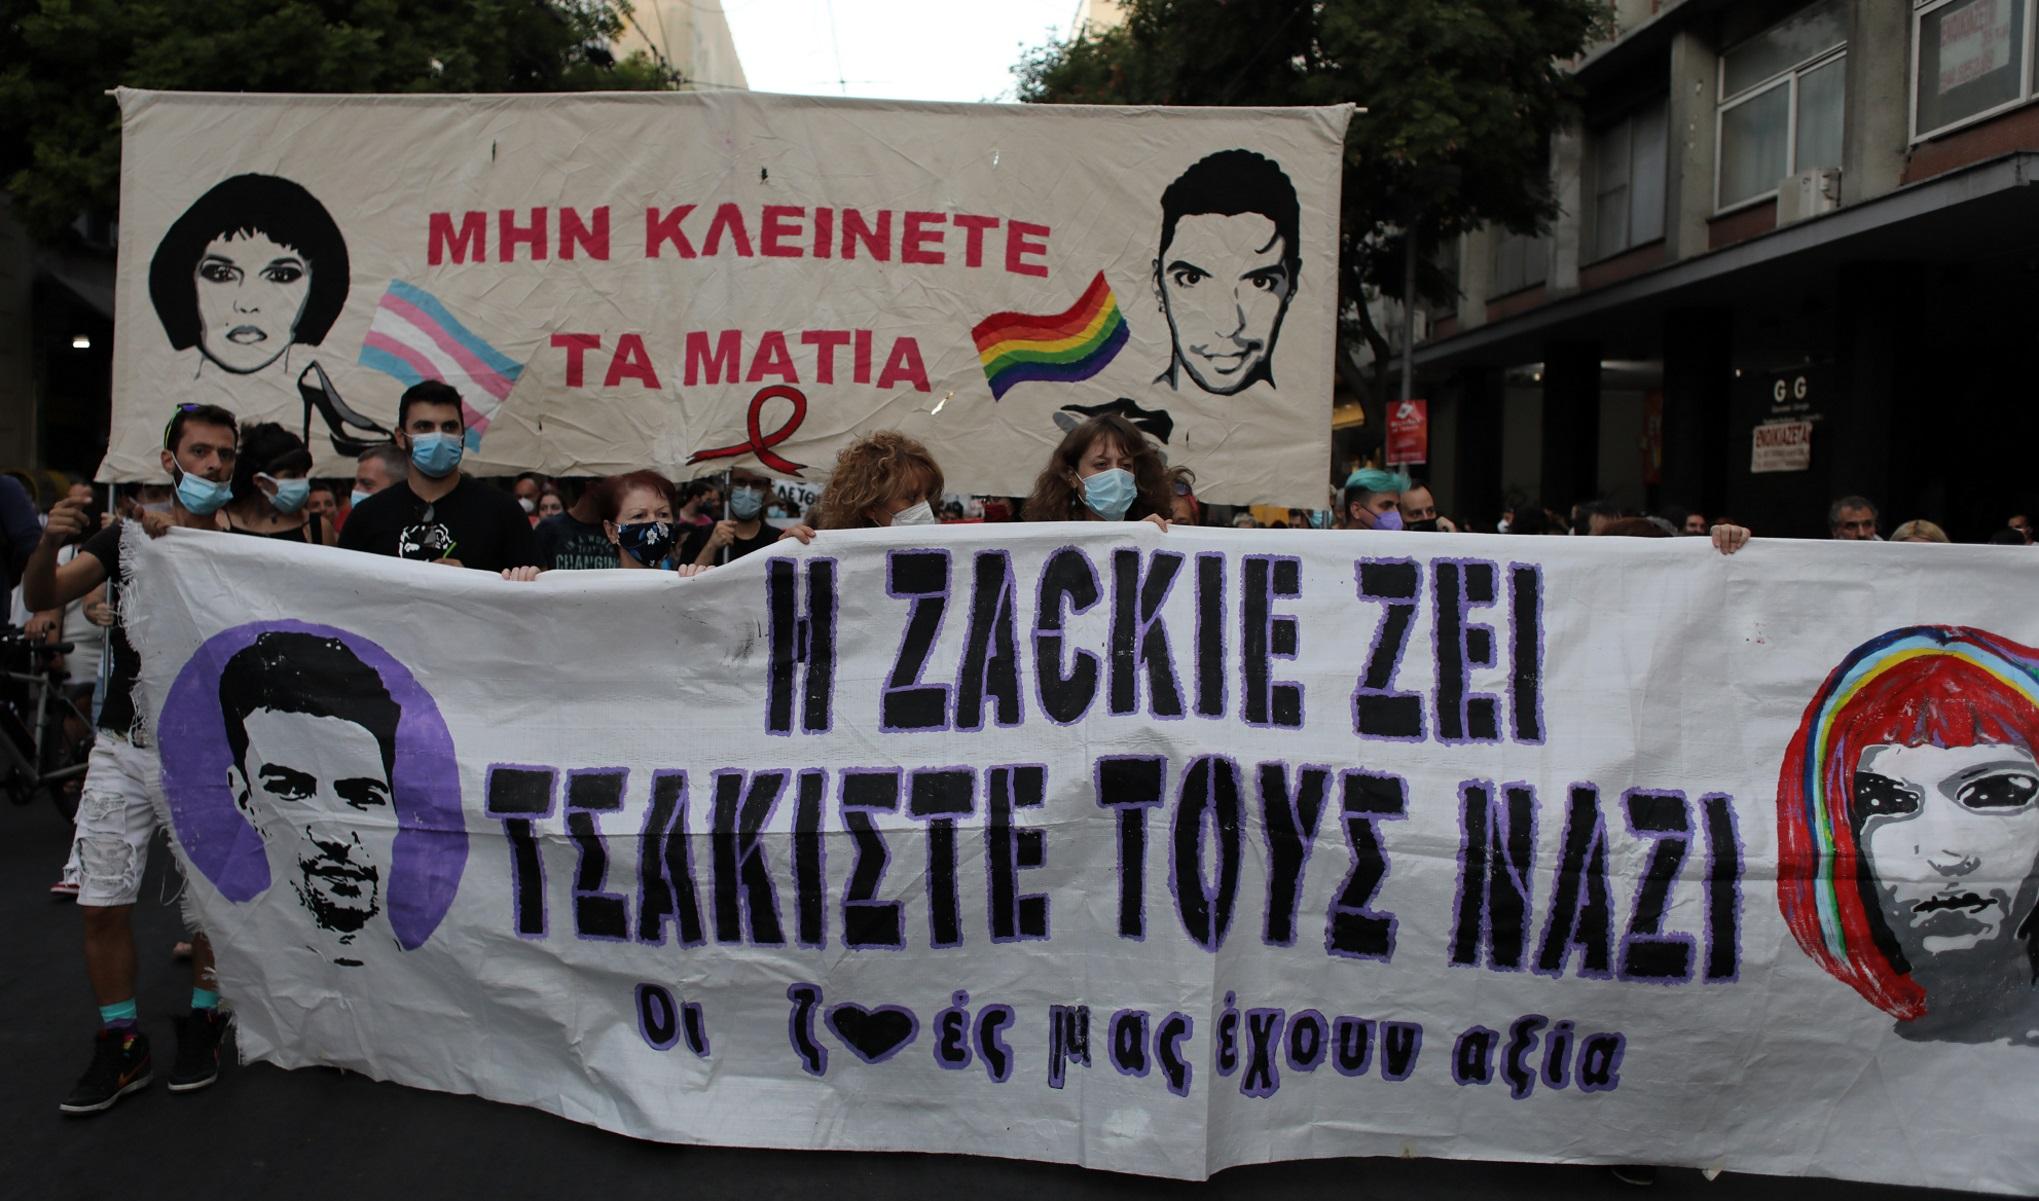 Ζακ Κωστόπουλος: Χιλιάδες στις διαδηλώσεις, τρία χρόνια από τη δολοφονία του – Δείτε φωτογραφίες